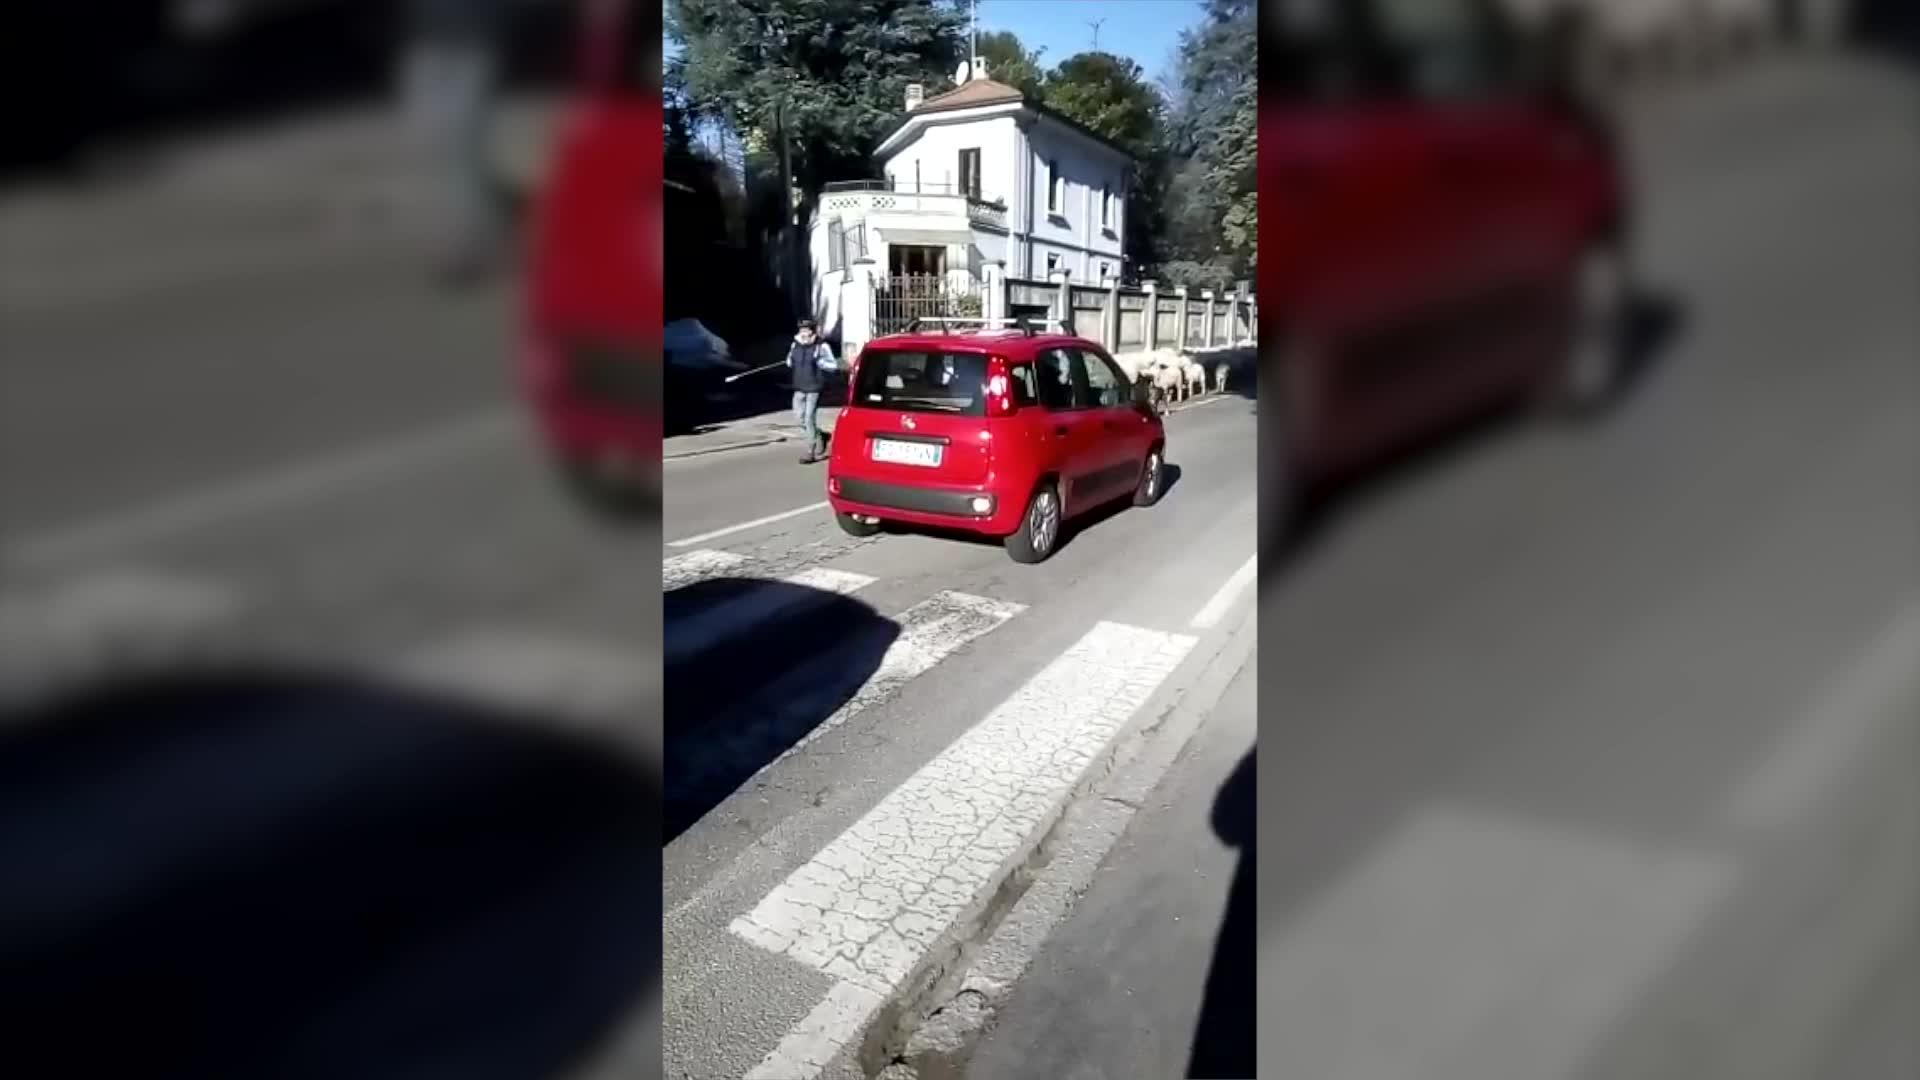 Video: Attenzione: attraversamento pecore a Sant'Ambrogio a Varese